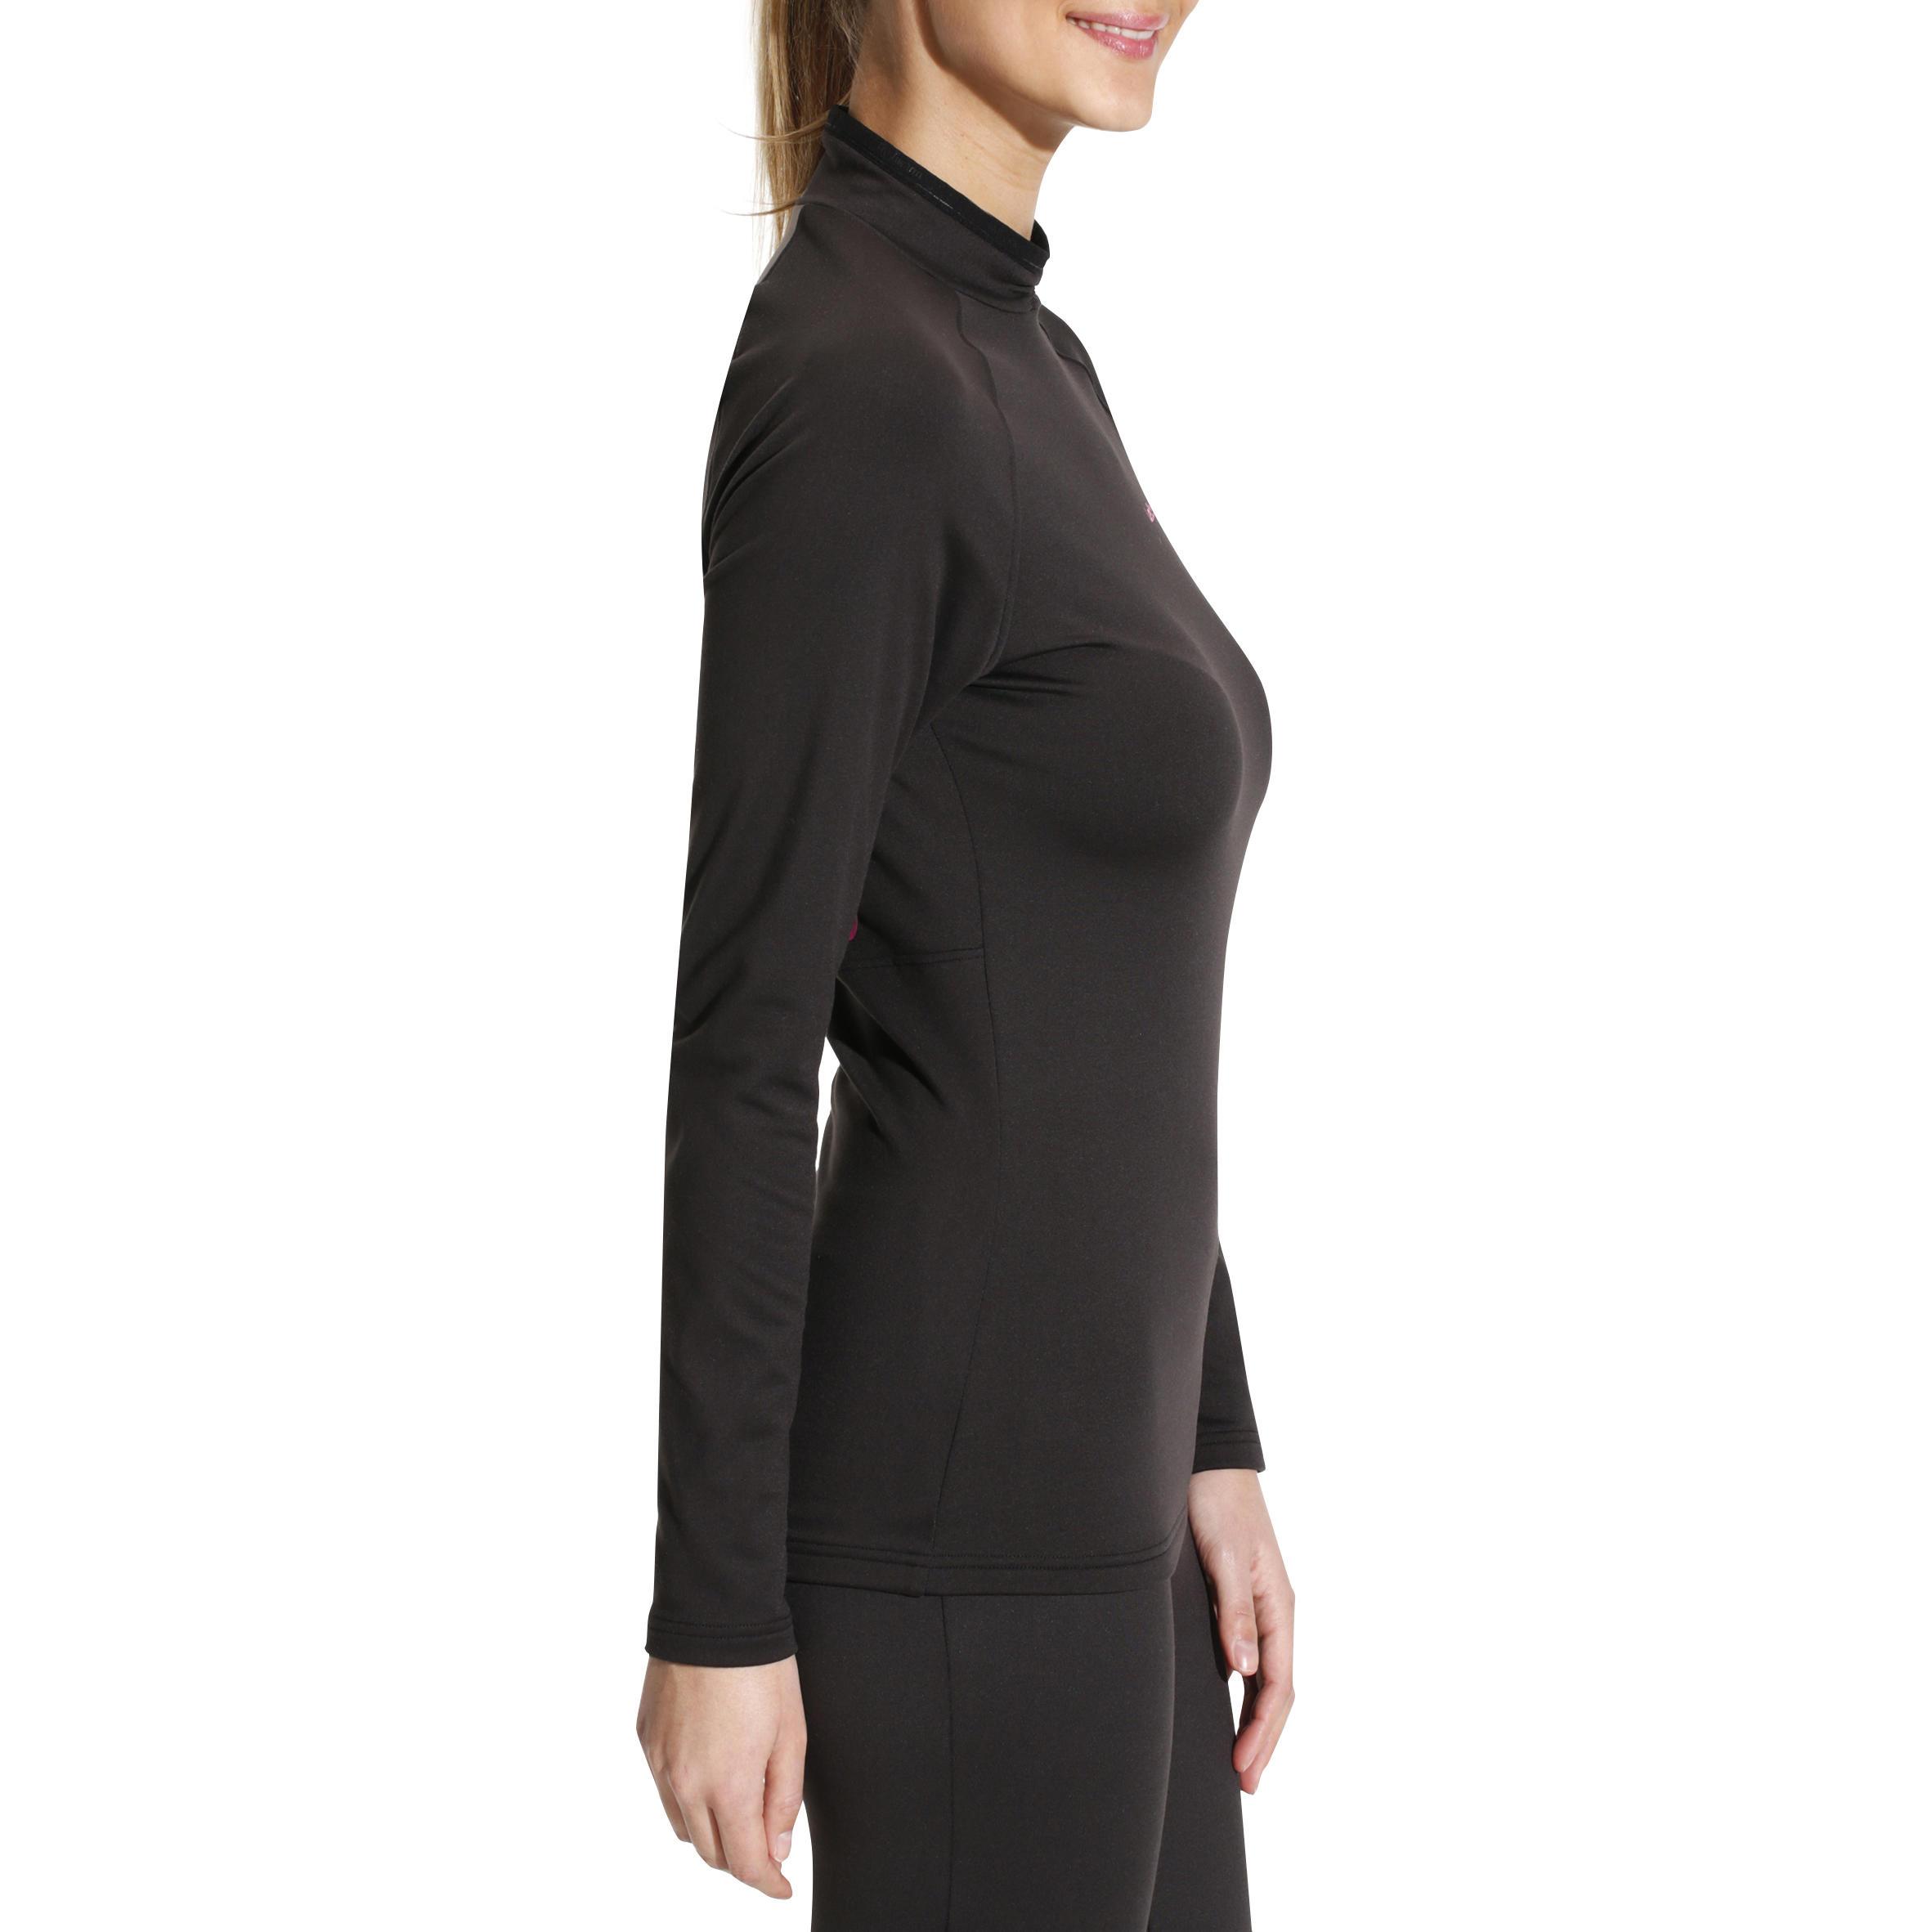 Sous-vêtement haut de ski femme Frais et chaud Noir